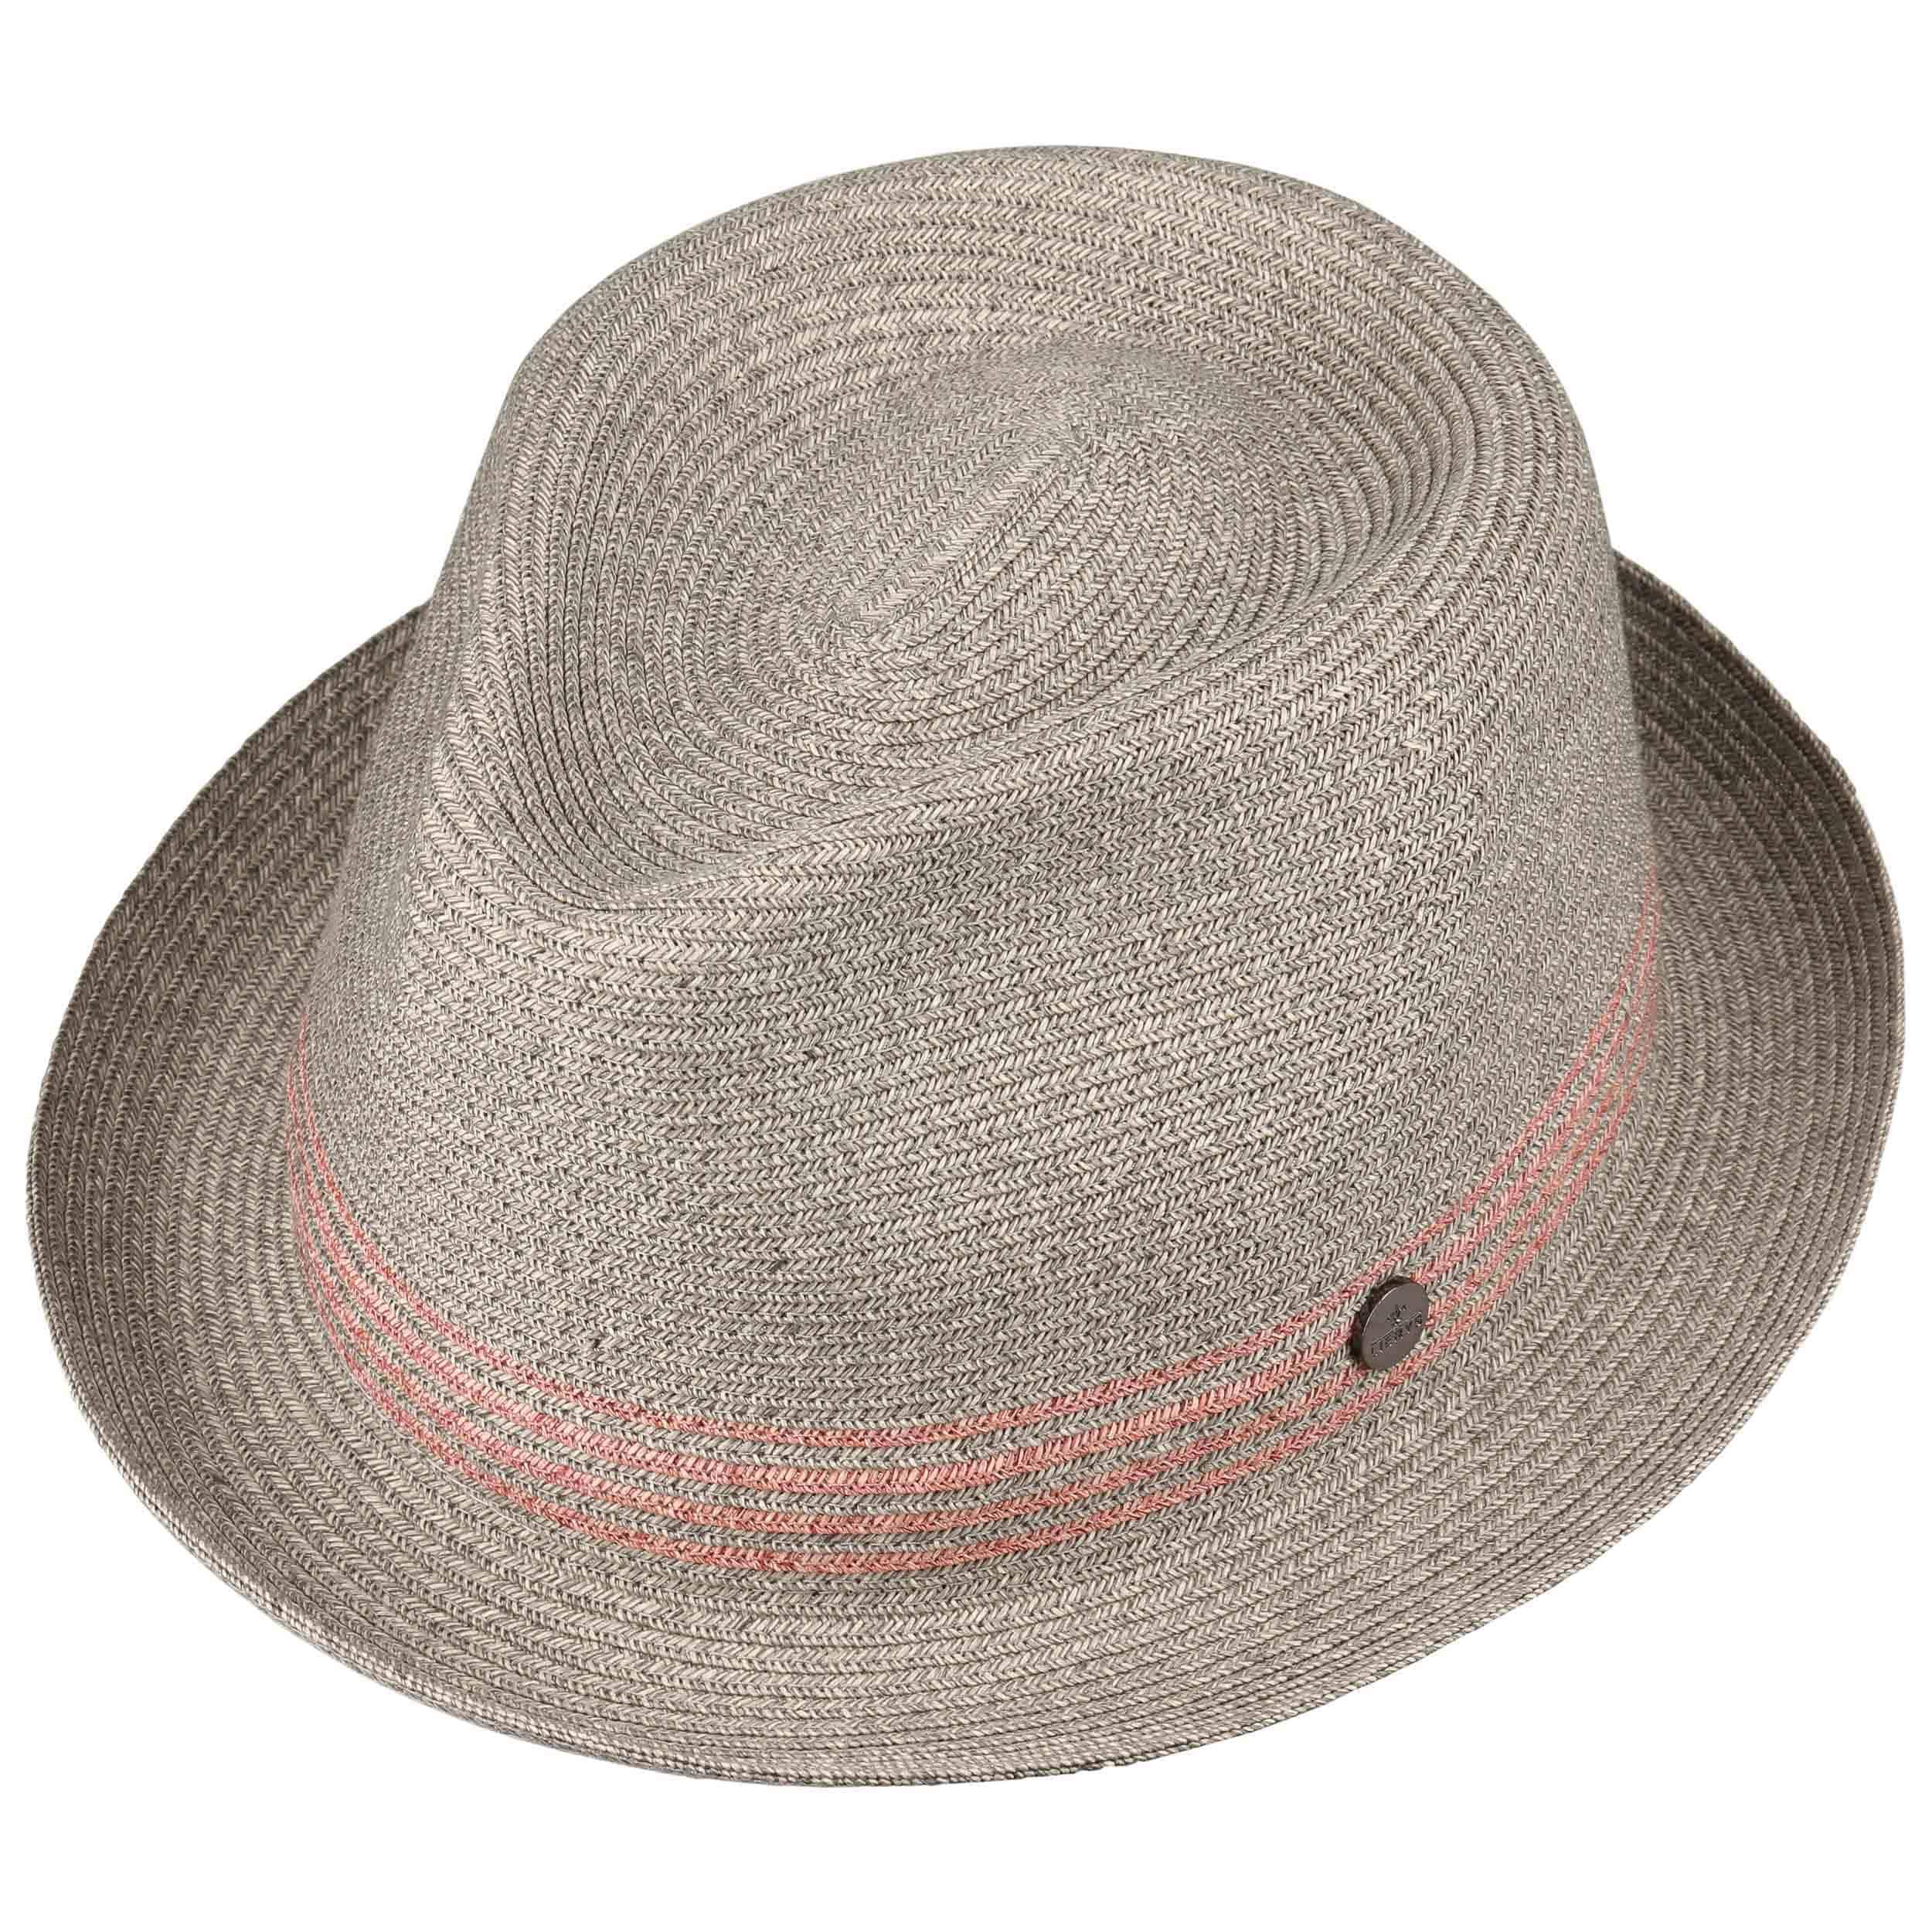 Ninfa Twotone Straw Hat by Lierys Sun hats Lierys bHlhe